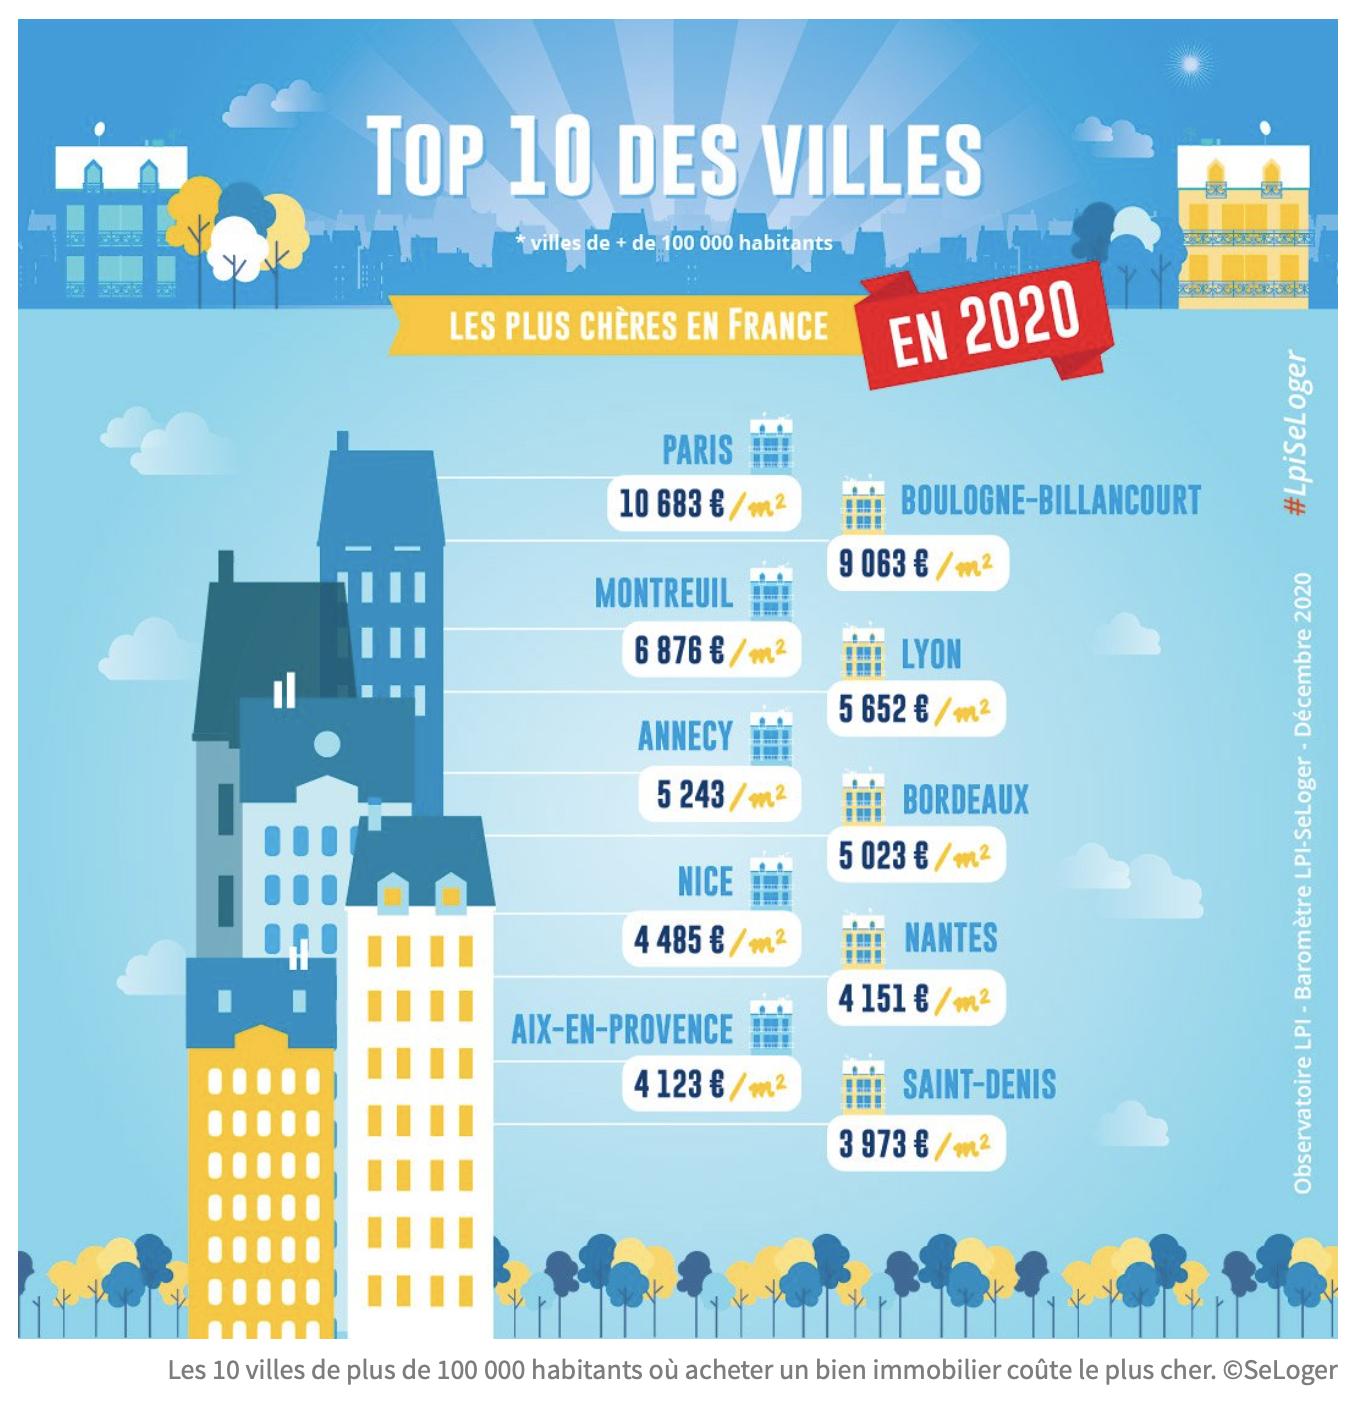 Immobilier Top 10 des villes les plis chères de France